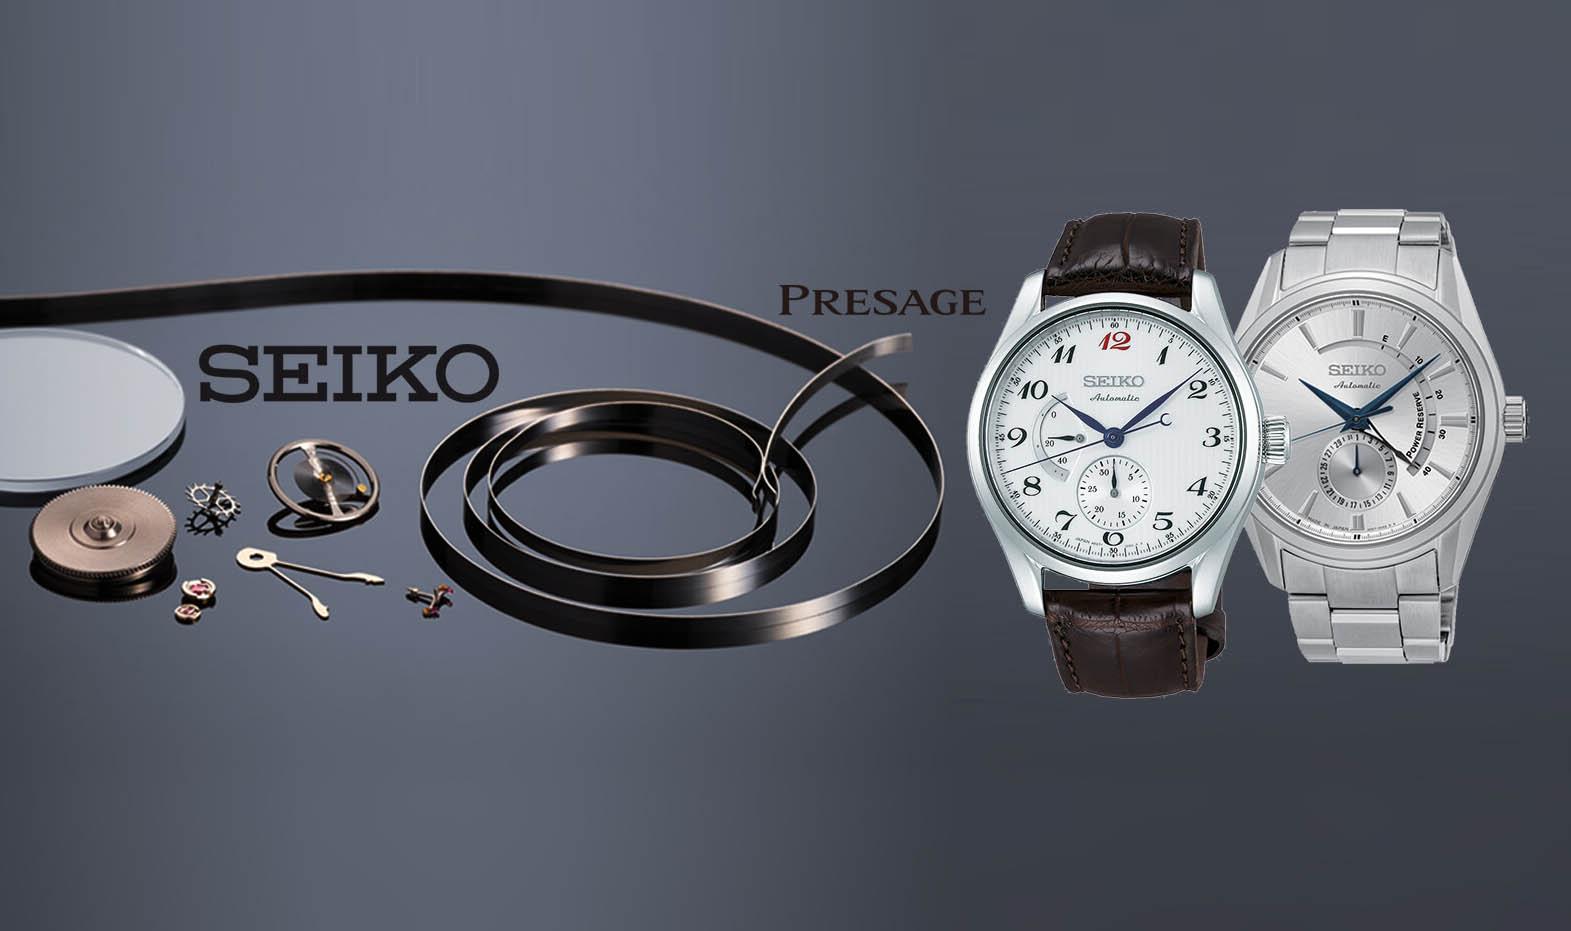 montres-seiko-presage